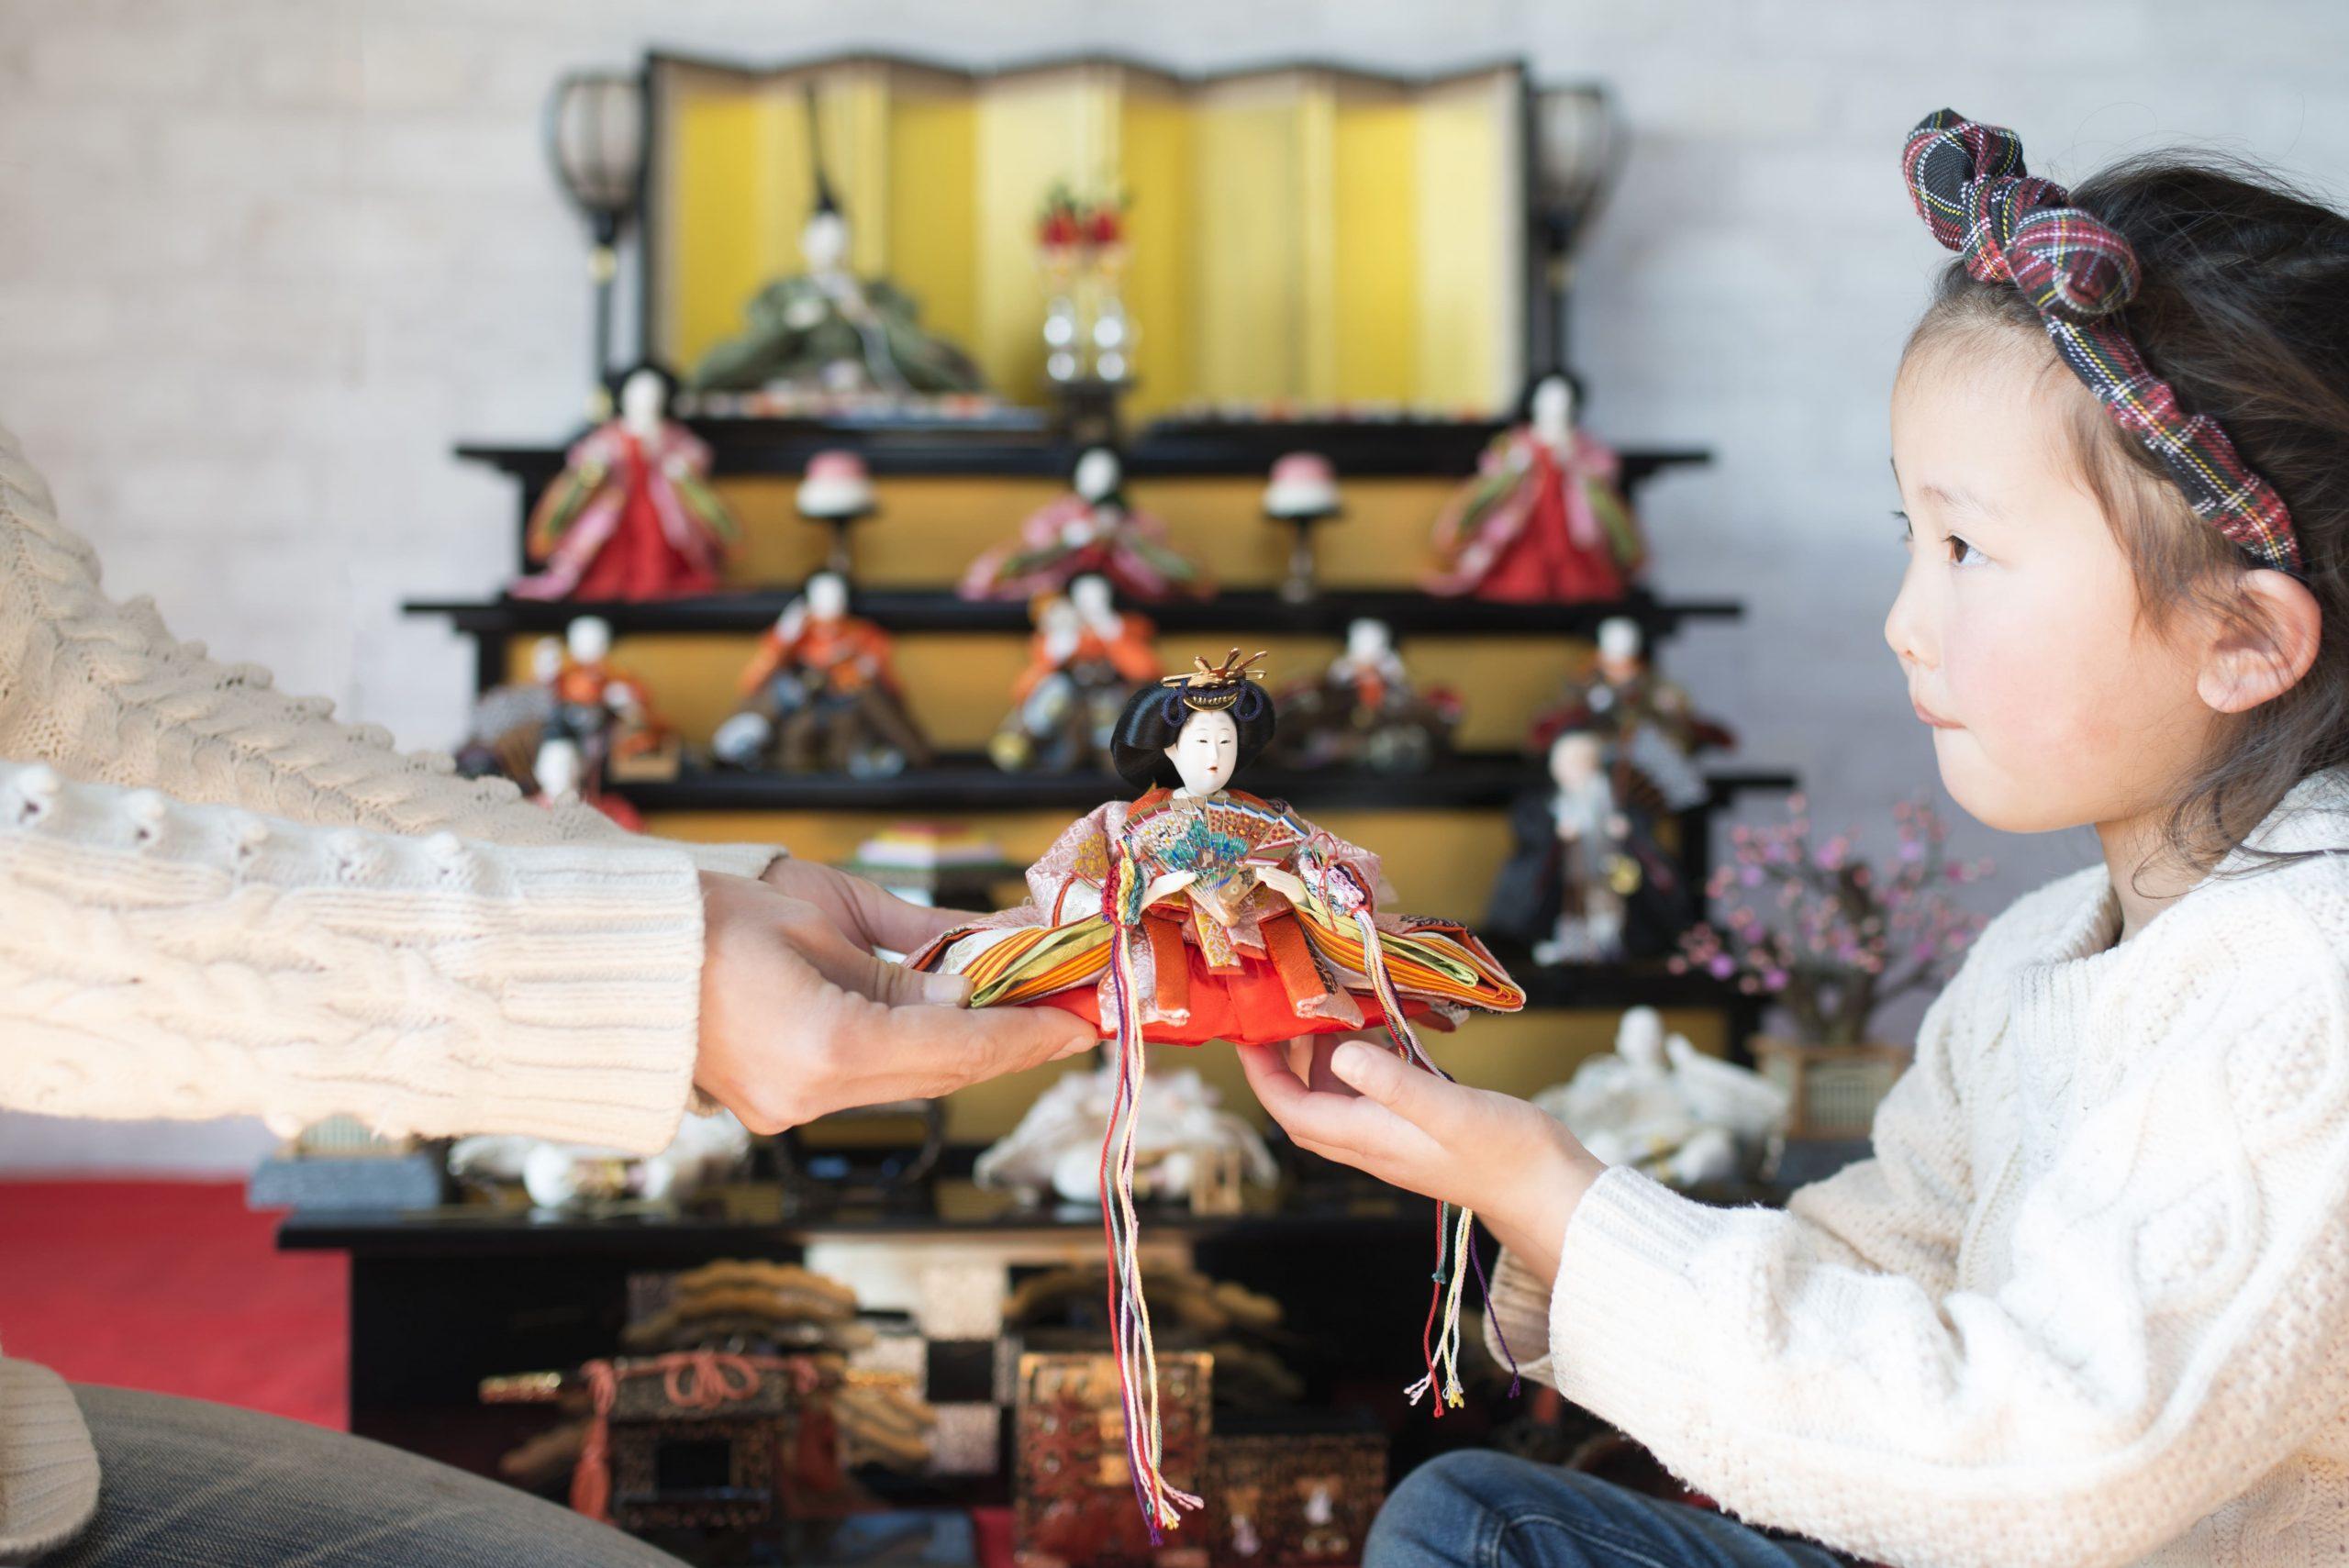 雛人形はお下がりでもいいの?お母さんやお姉ちゃんのお人形を使ってもいい?